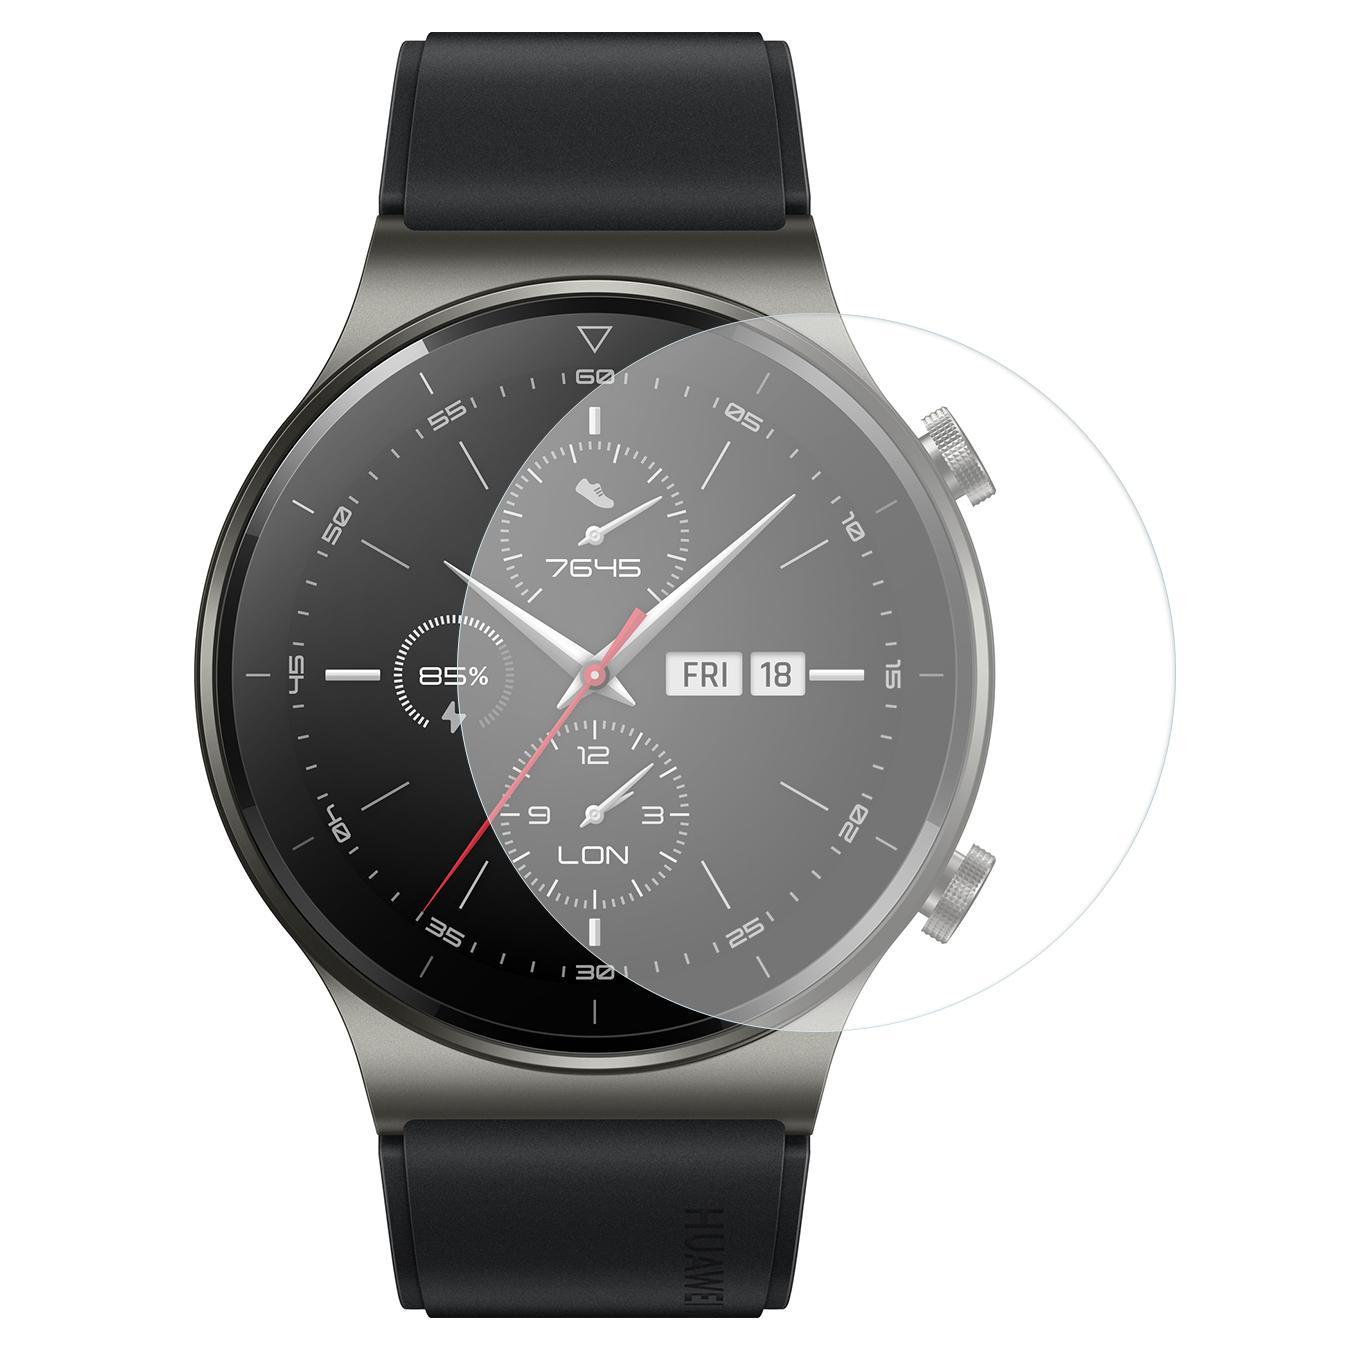 Herdet Glass 0.3mm Skjermbeskytter Huawei Watch GT 2 Pro